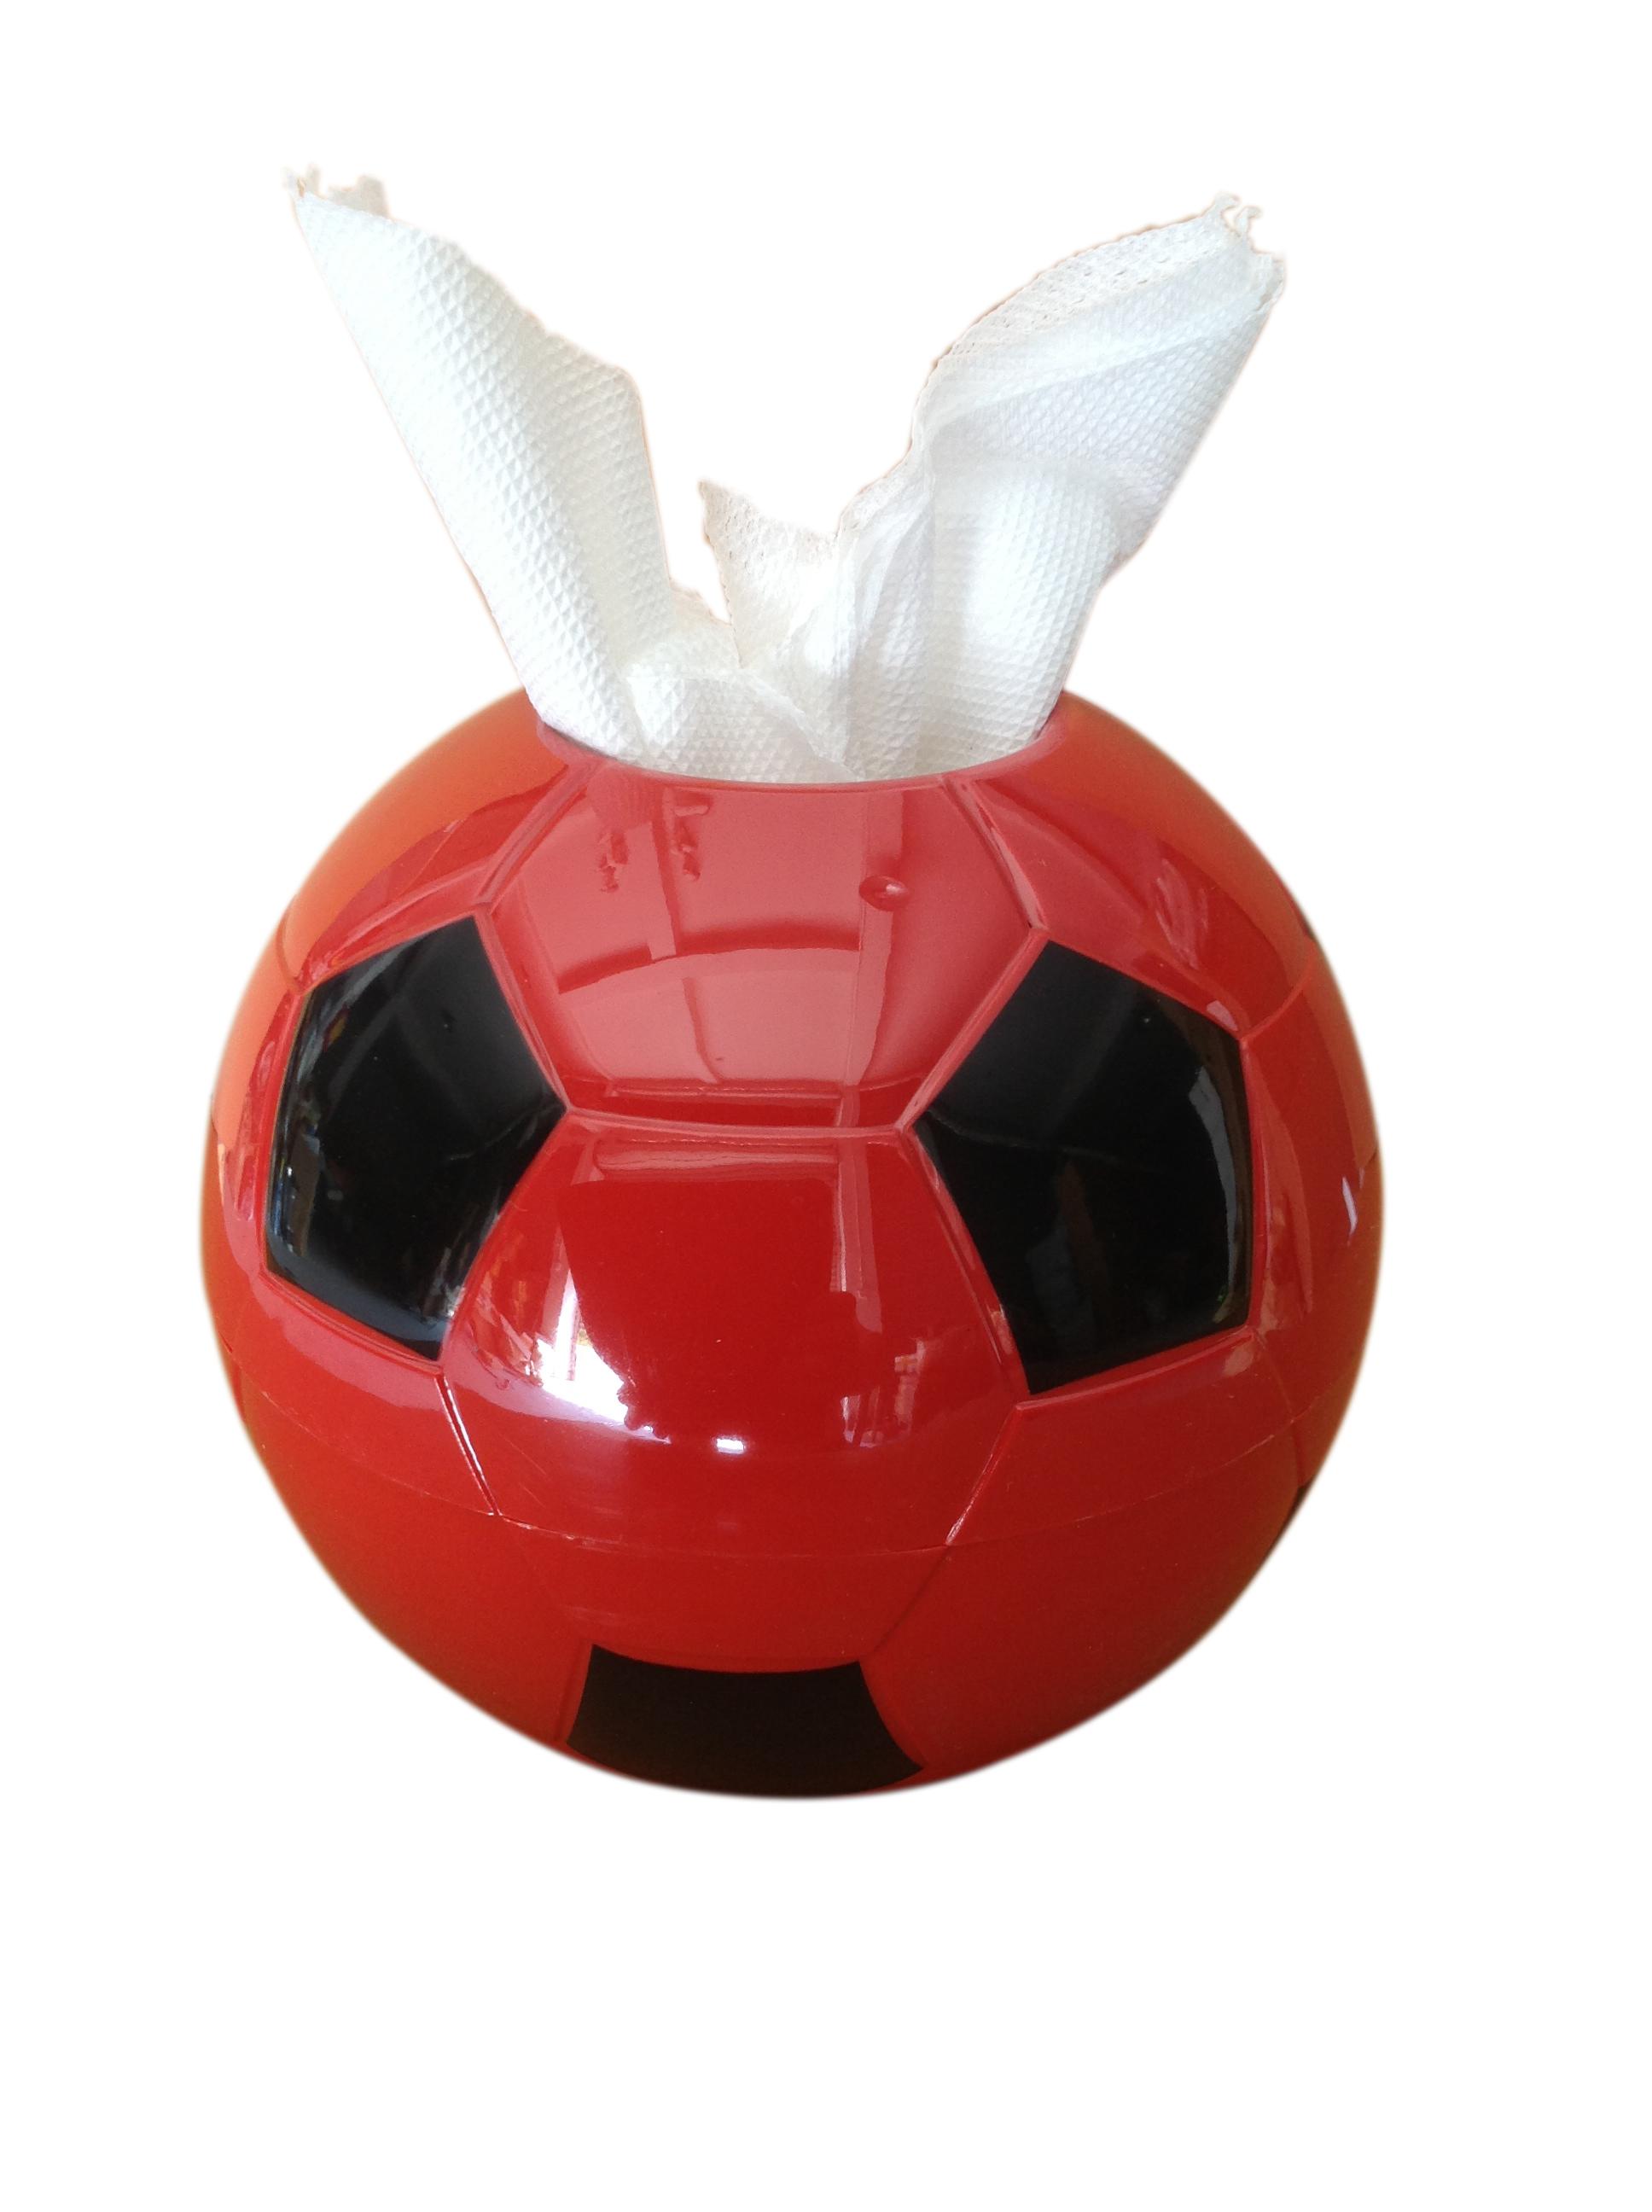 热销韩版创意时尚家居用品塑料彩色足球纸巾收纳盒圆方形卷抽纸筒